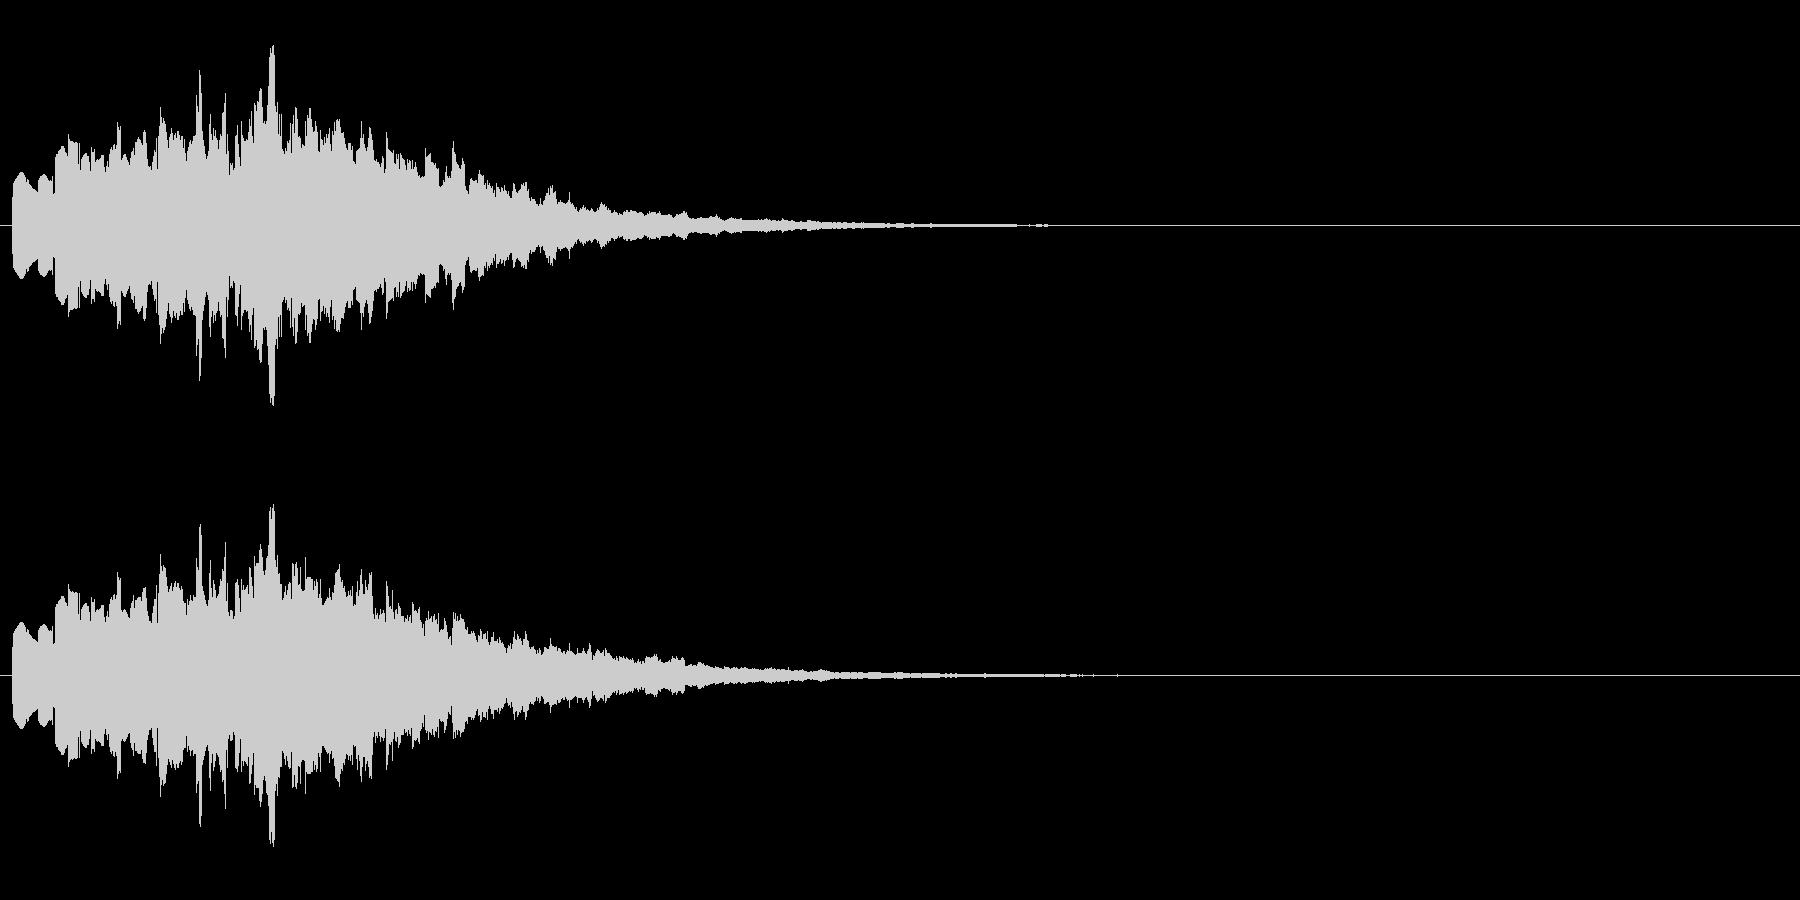 シンセによる広がる音の未再生の波形